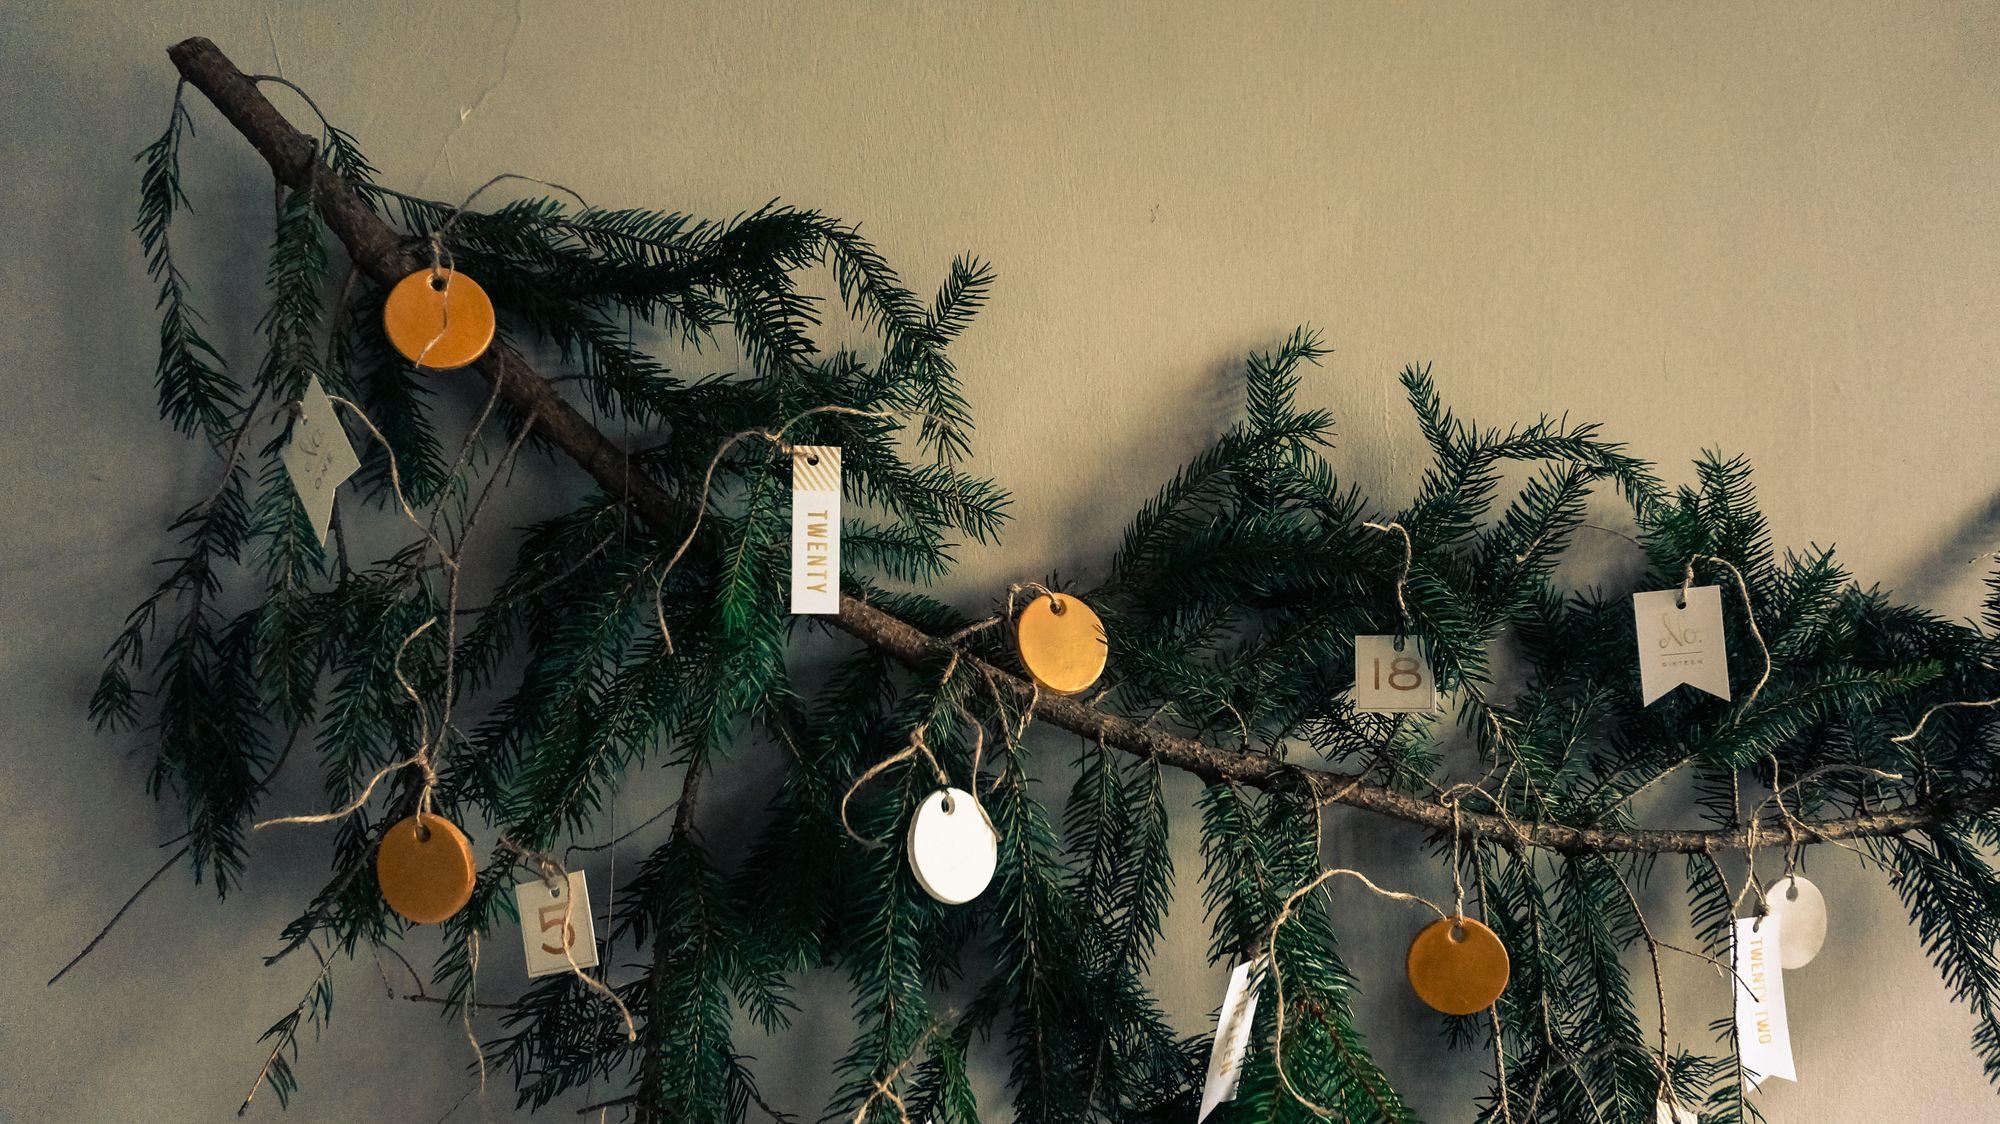 Decorazione con oro e un ramo di pino natale al verde - Rami decorativi natalizi ...